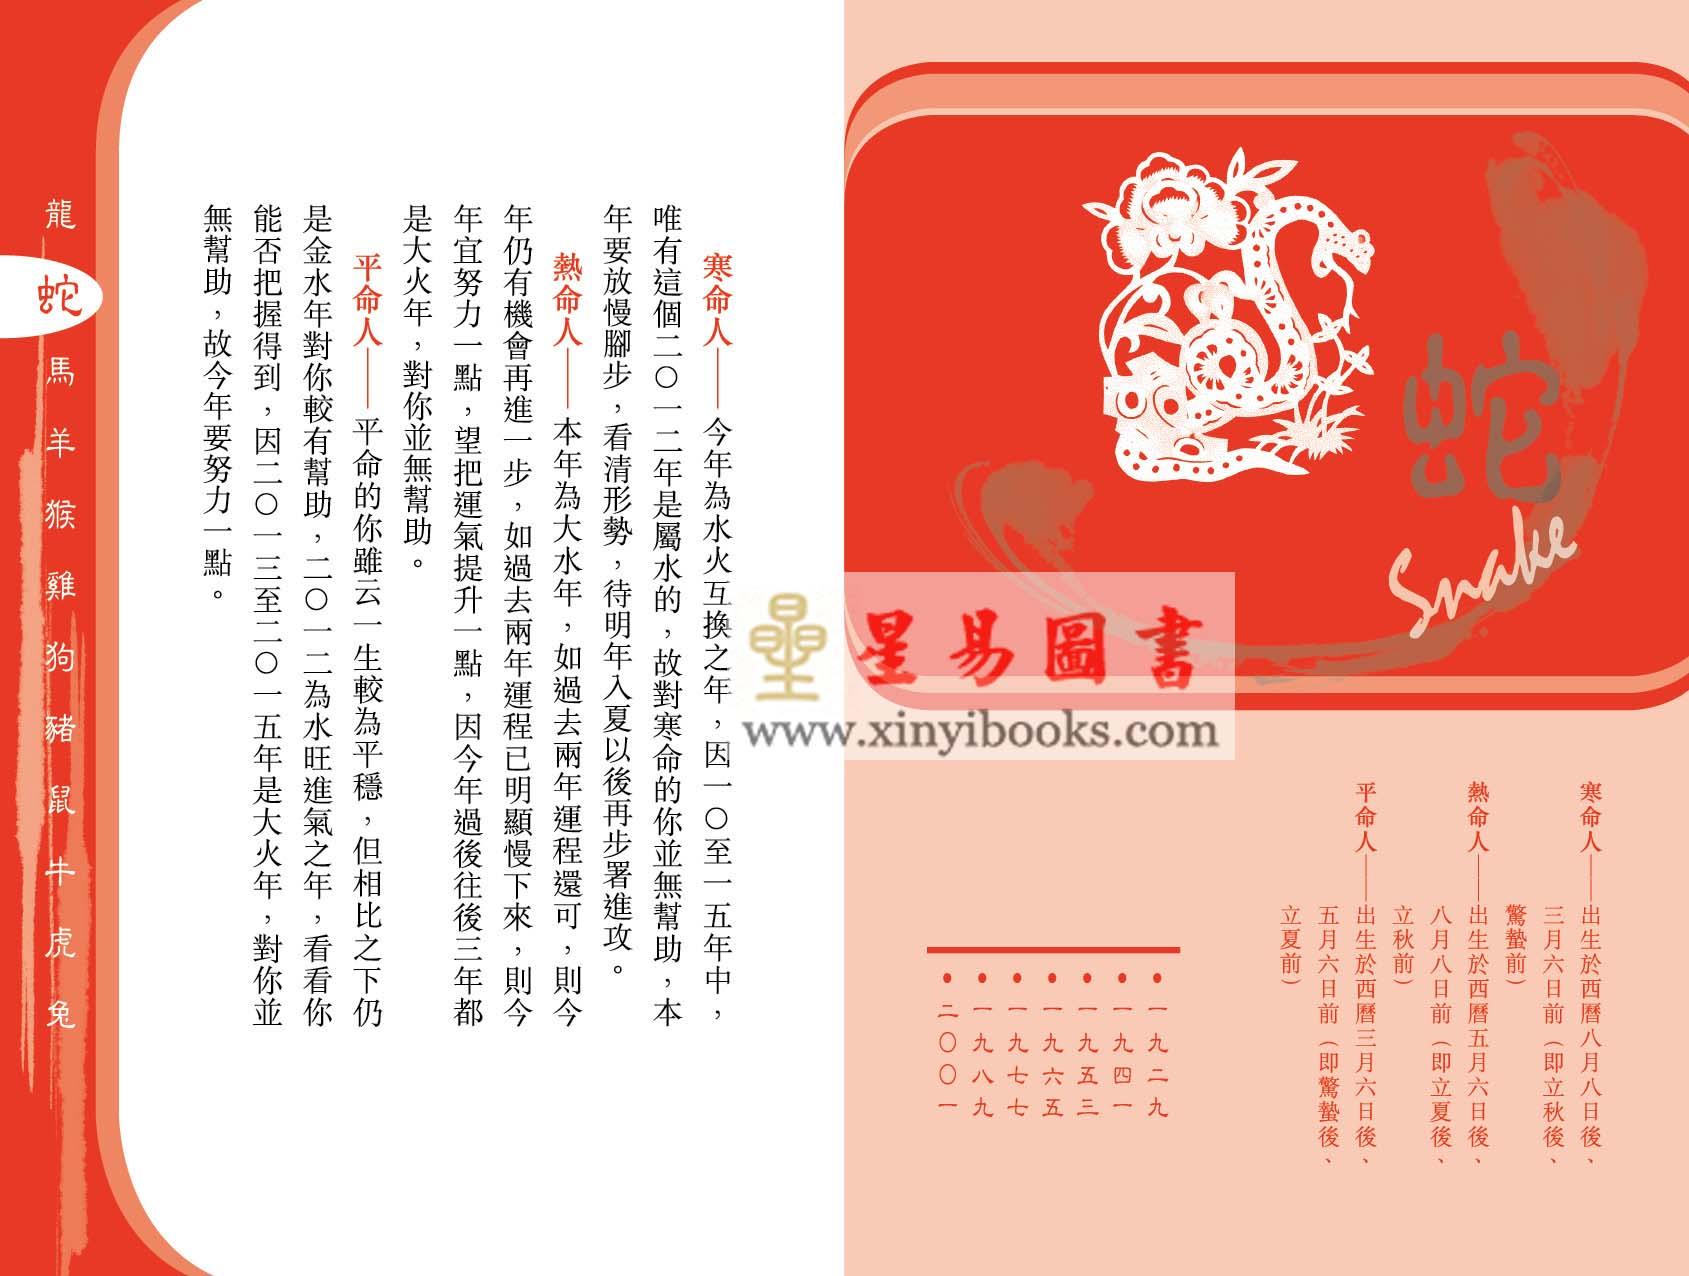 《蘇民峰2012龍年運程》- 蛇年內容增補